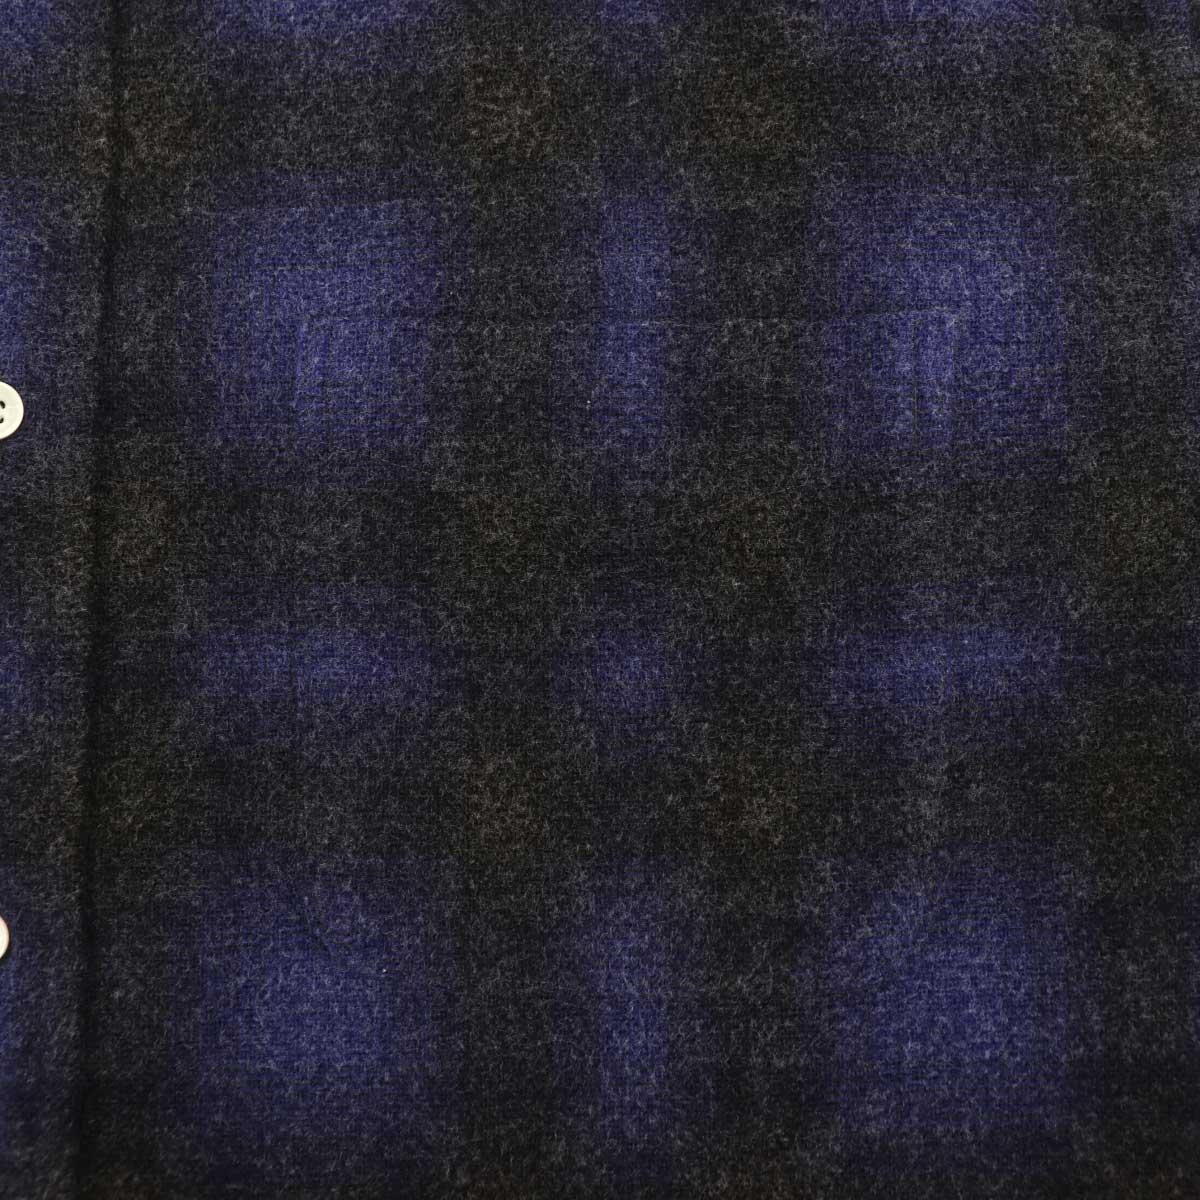 フランネル オンブレチェック ボタンダウンシャツ SL130018 NAVY (ネイビー)